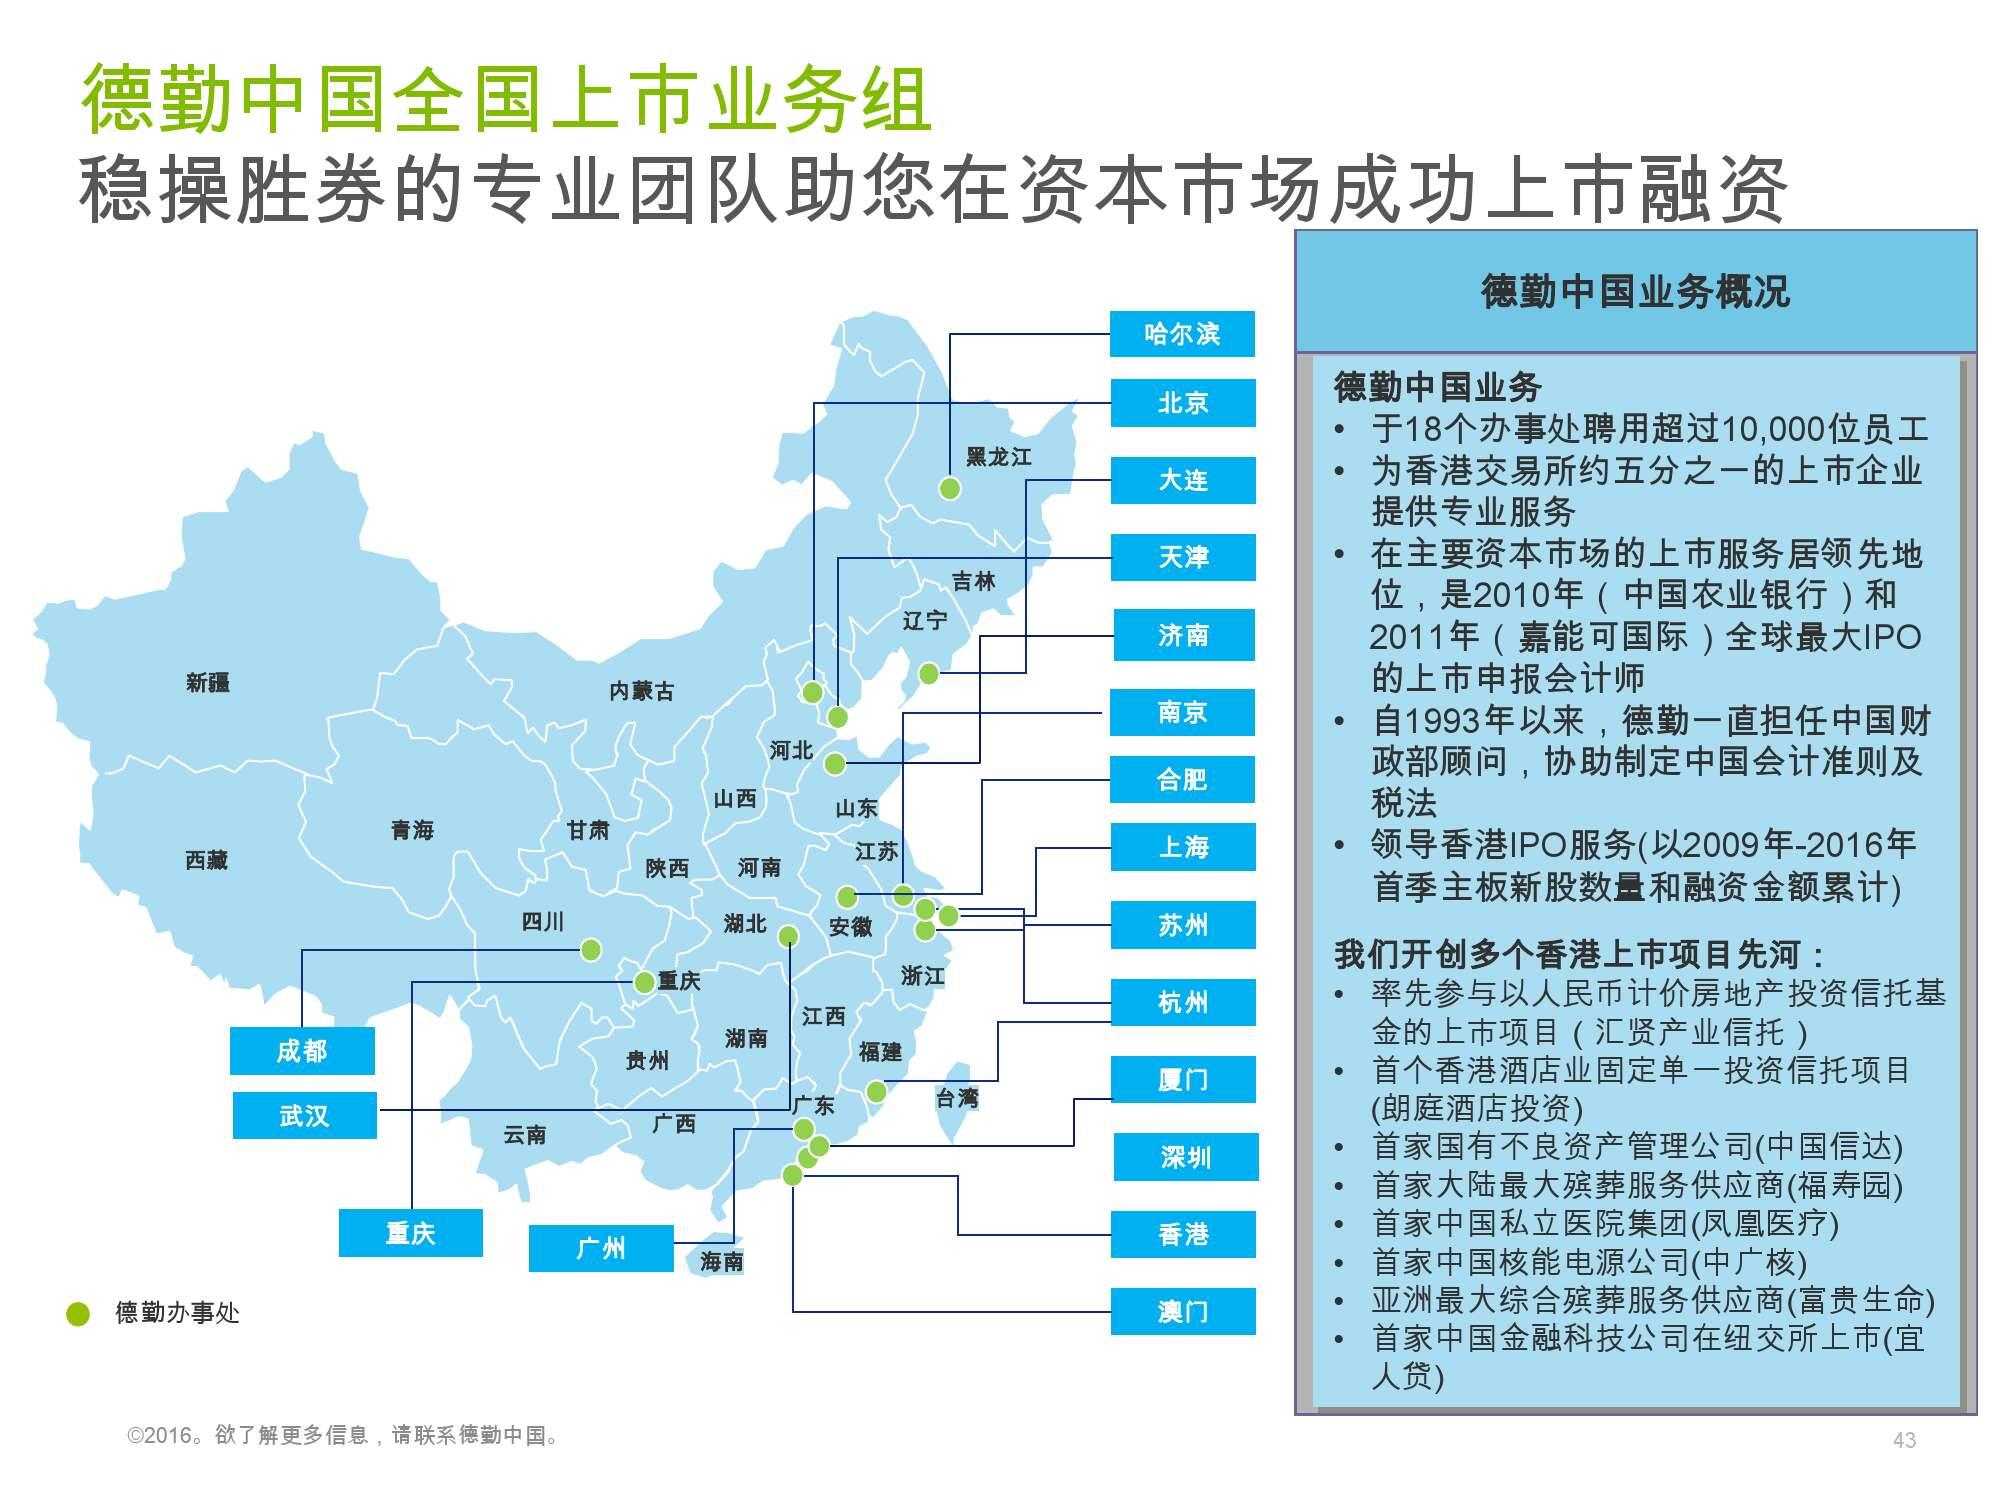 香港及中国大陆IPO市场2016年1季度_000043